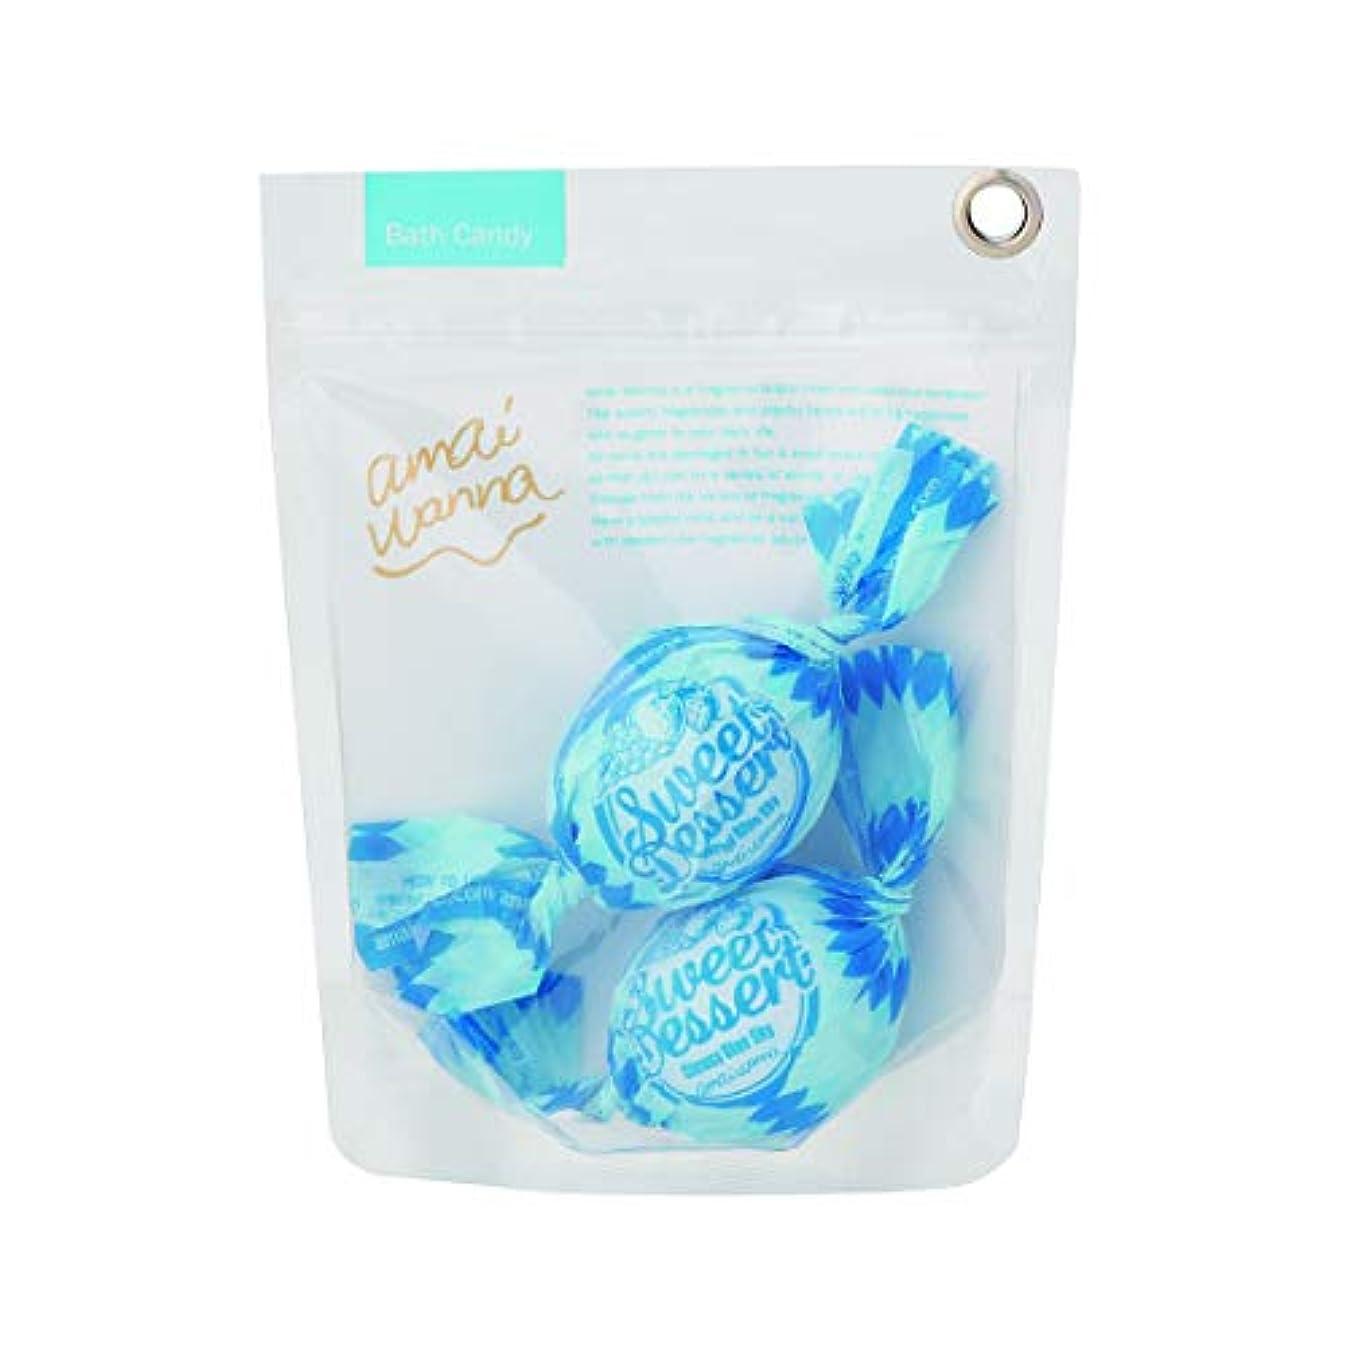 拡大する私証言アマイワナ バスキャンディーバッグ 青空シトラス 35g×2(発泡タイプ入浴料 2回分 おおらかで凛としたシトラスの香り)